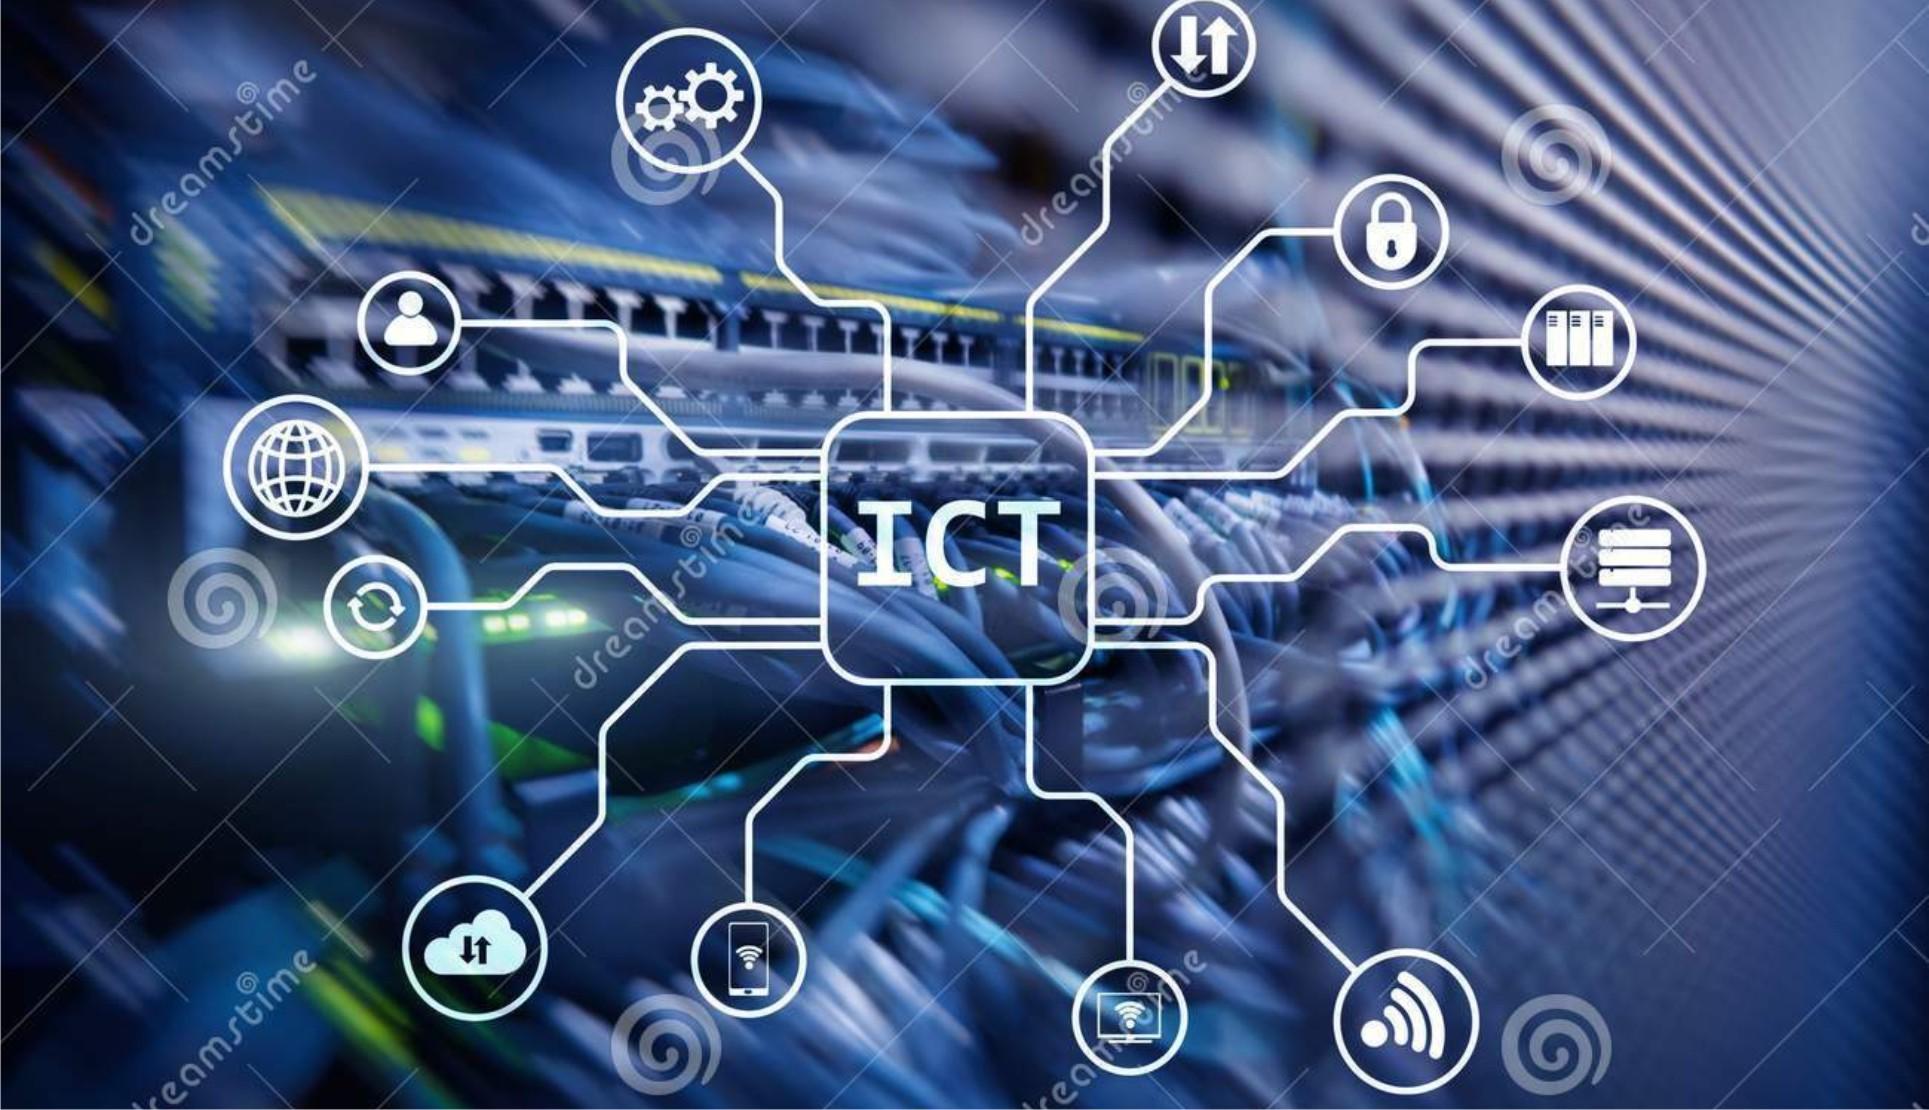 ICT Expert Seeks More Funds For Internet Infrastructure Dev